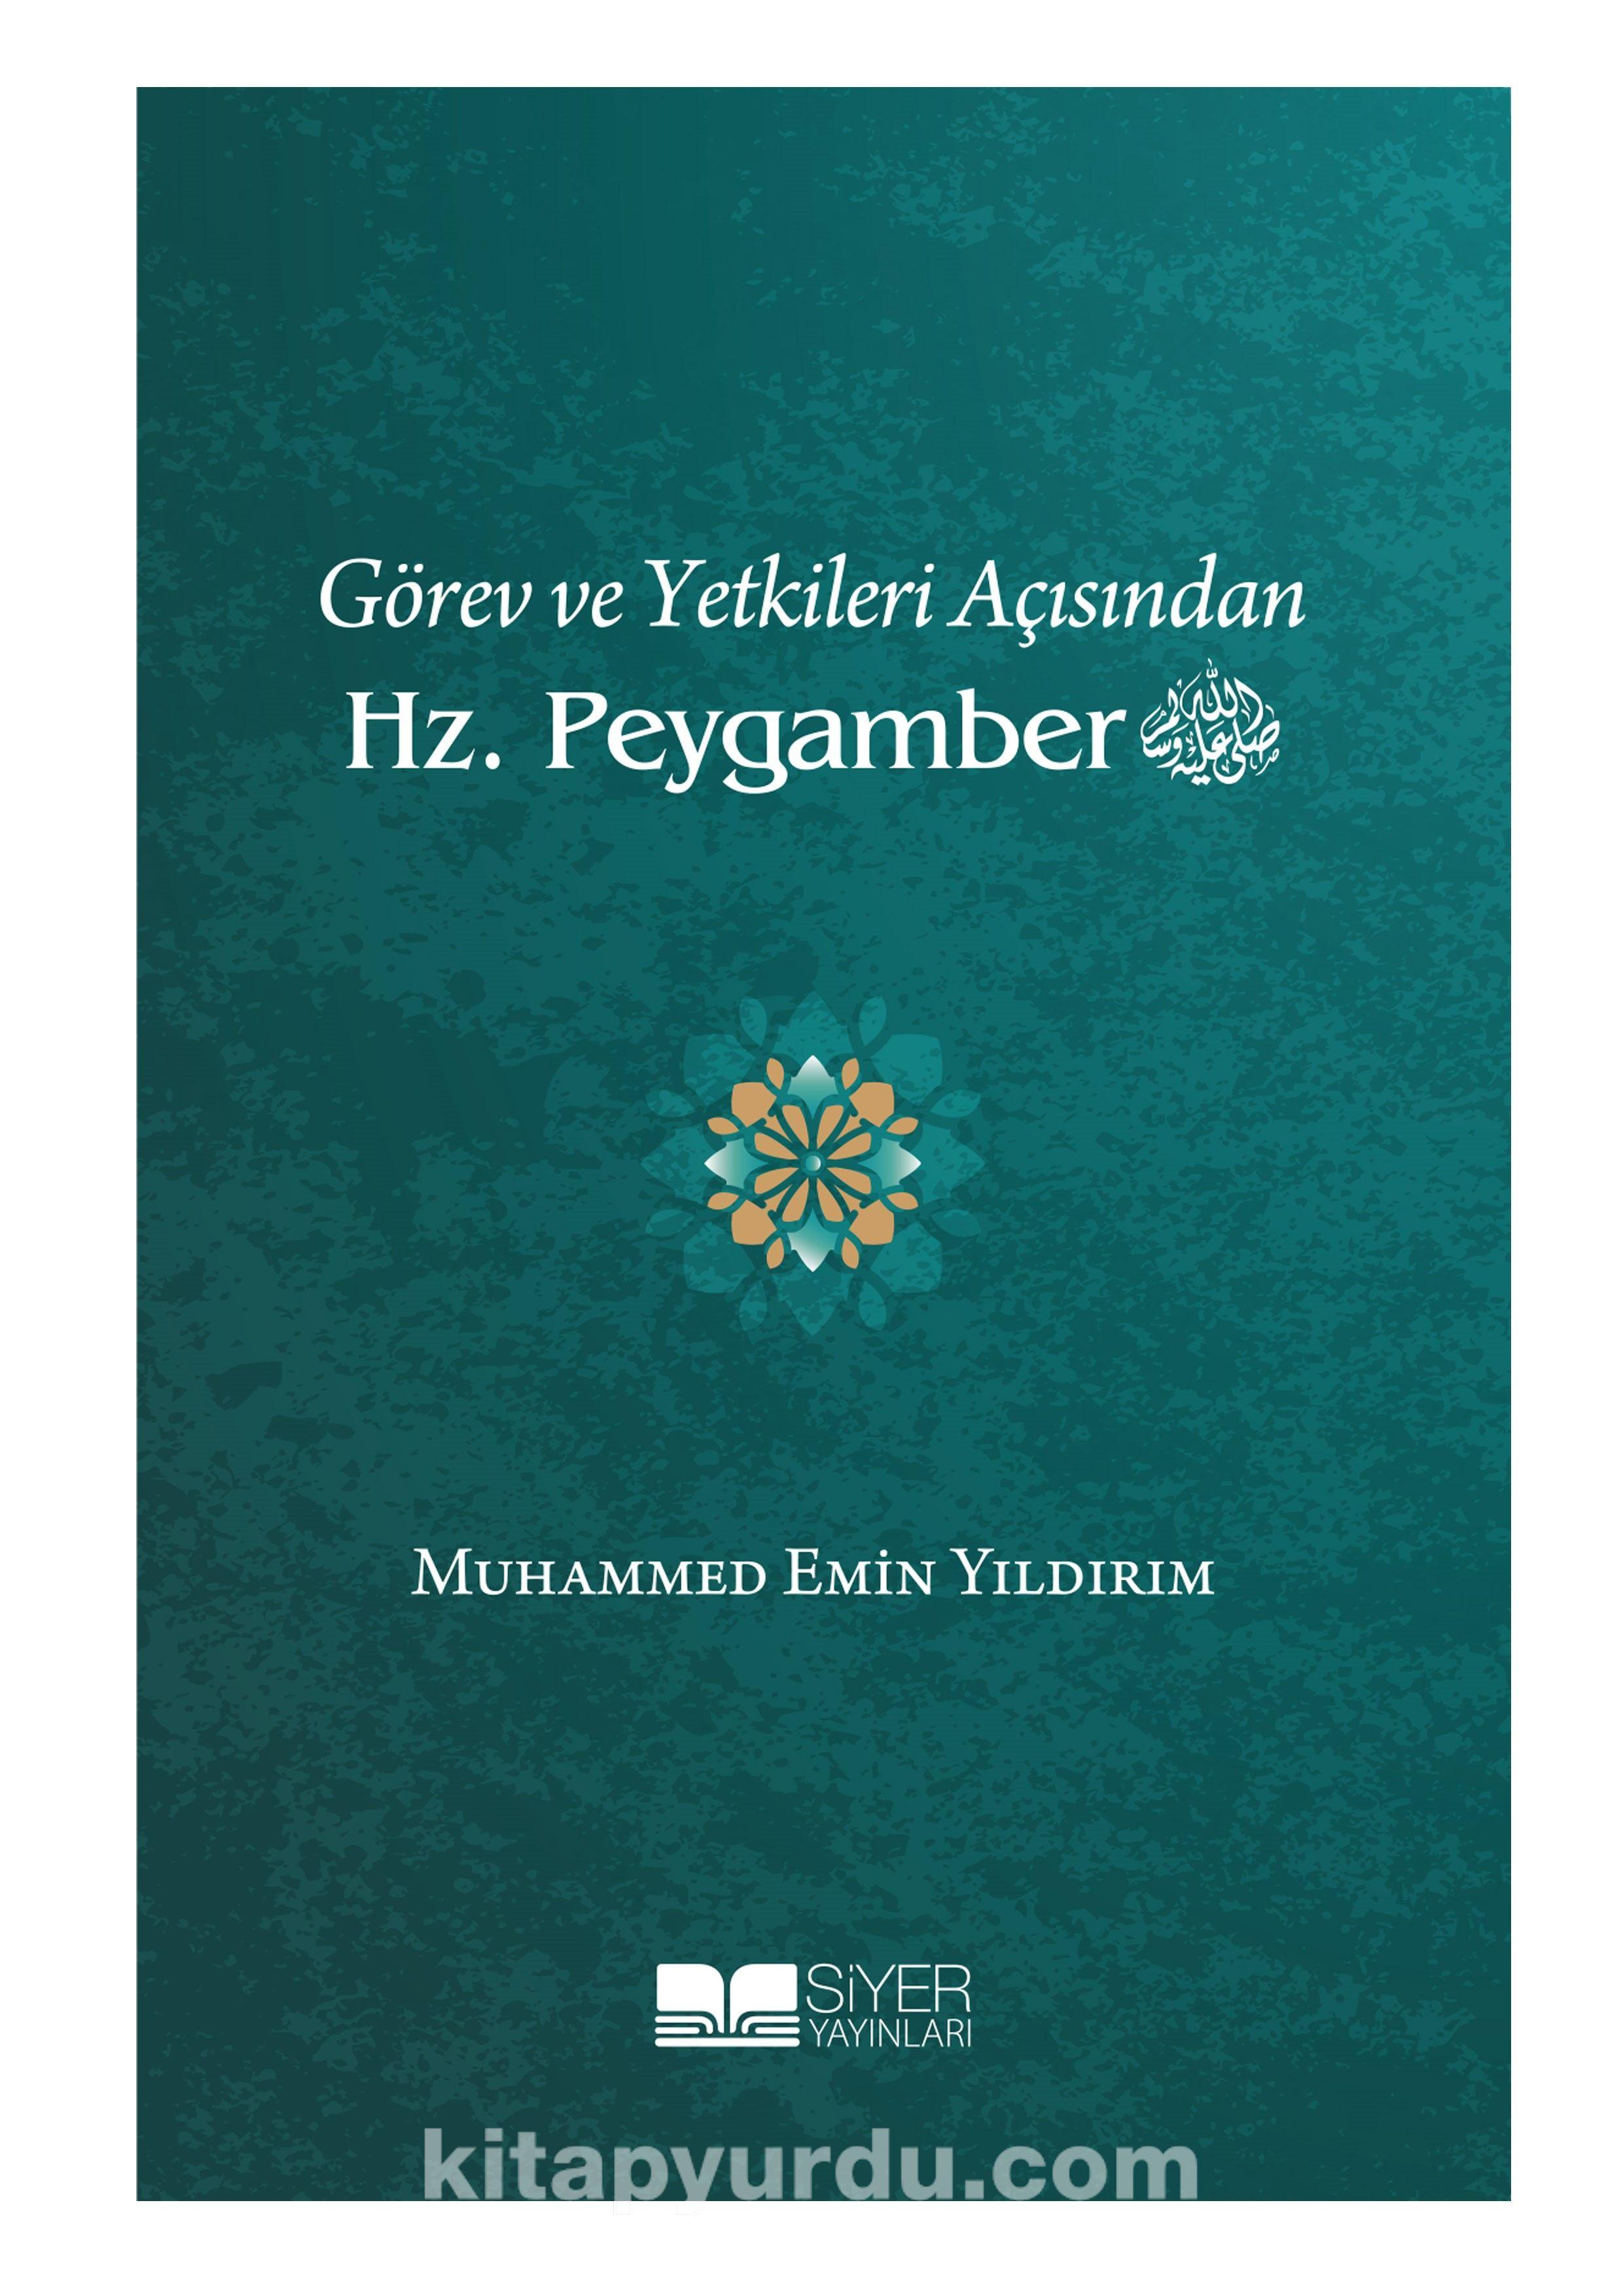 Görev ve Yetkileri Açısından Hz. Peygamber - Muhammed Emin Yıldırım pdf epub